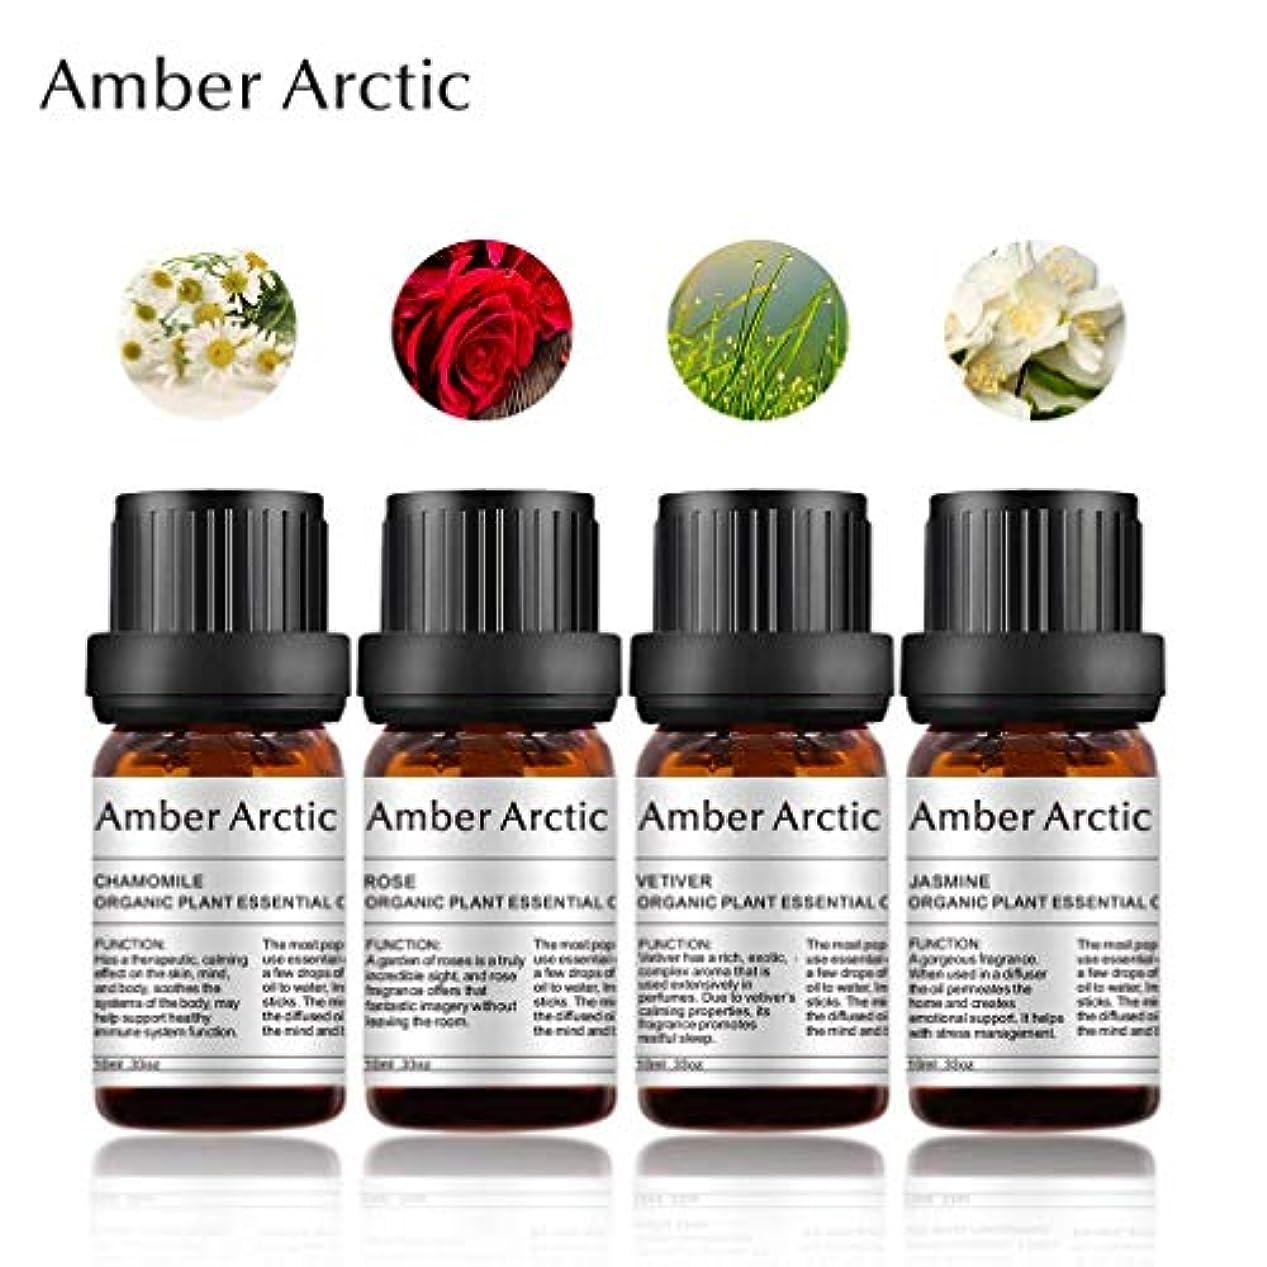 責める主観的ピアAmber Arctic 4 パック 精油 セット、 100% 純粋 天然 アロマ 最良 治療 グレード エッセンシャル オイル (ジャスミン、 ベチバー、 ローズ、 カモミール)